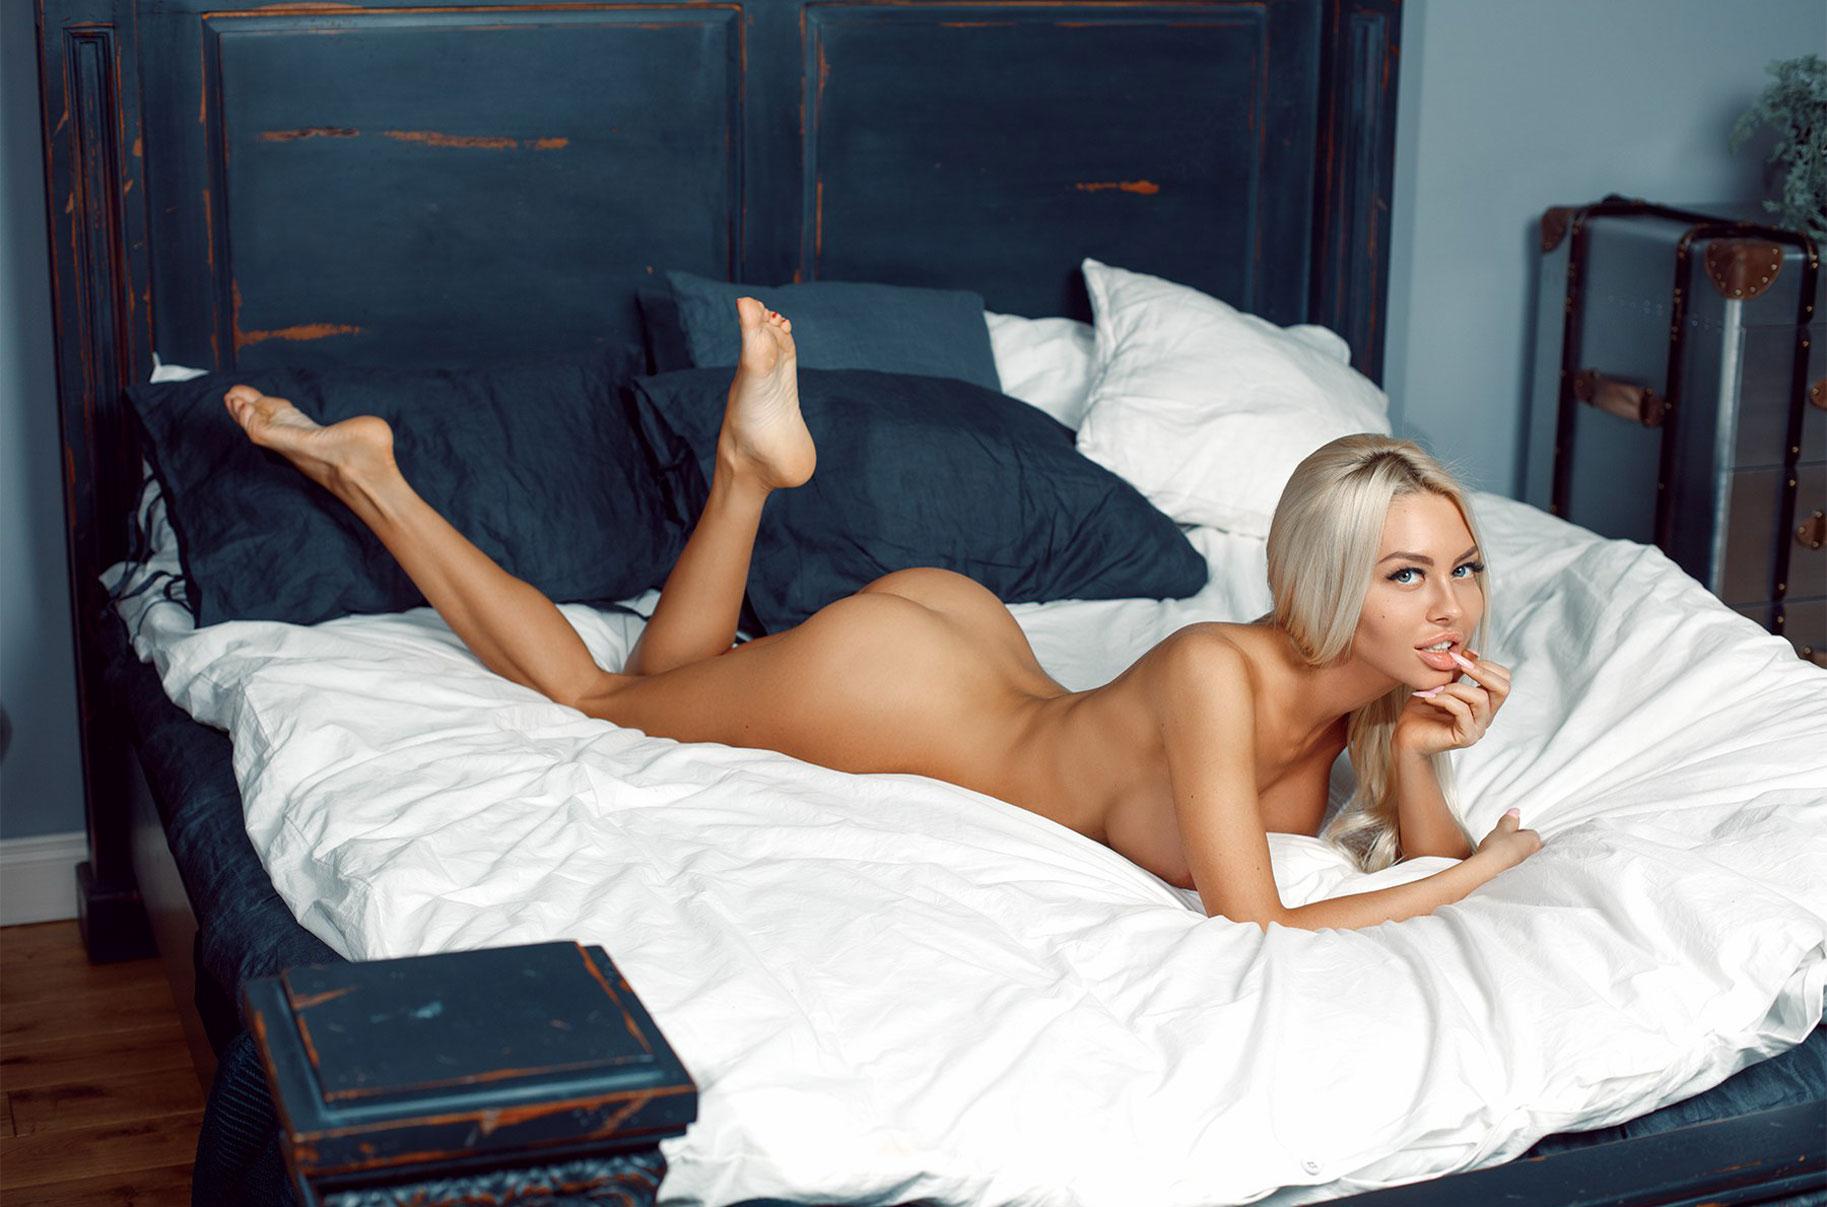 Анастасия Щеголева - модель с большой грудью / фото 16